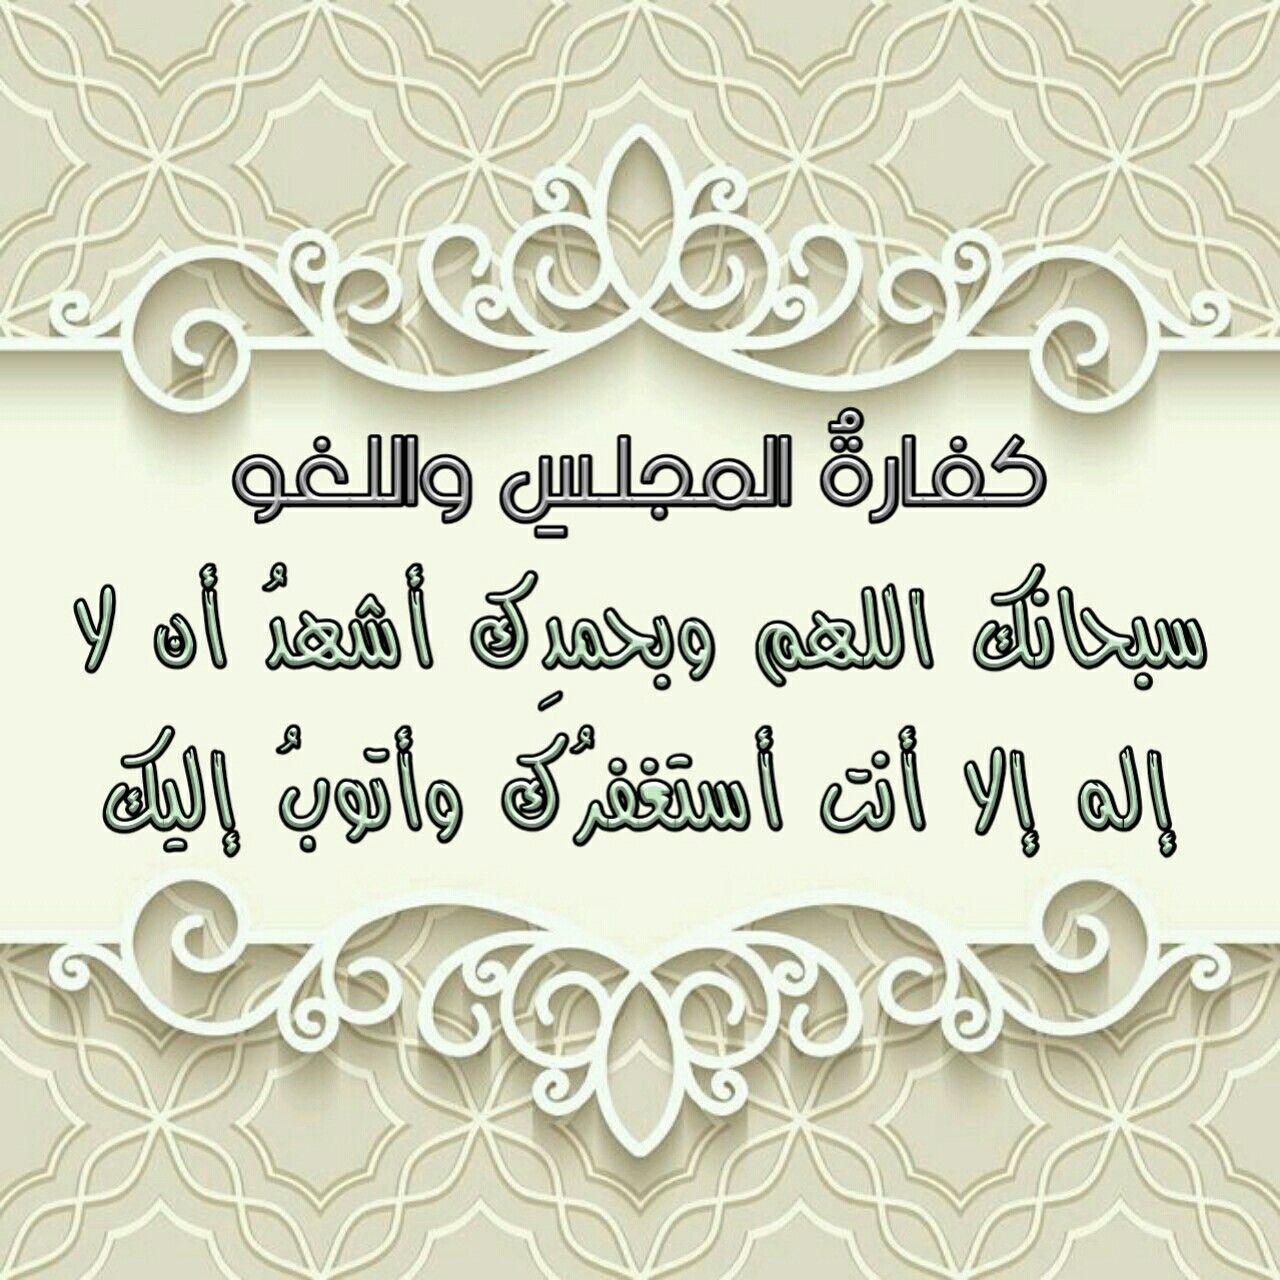 كفارة المجلس Frame Decor Arabic Calligraphy